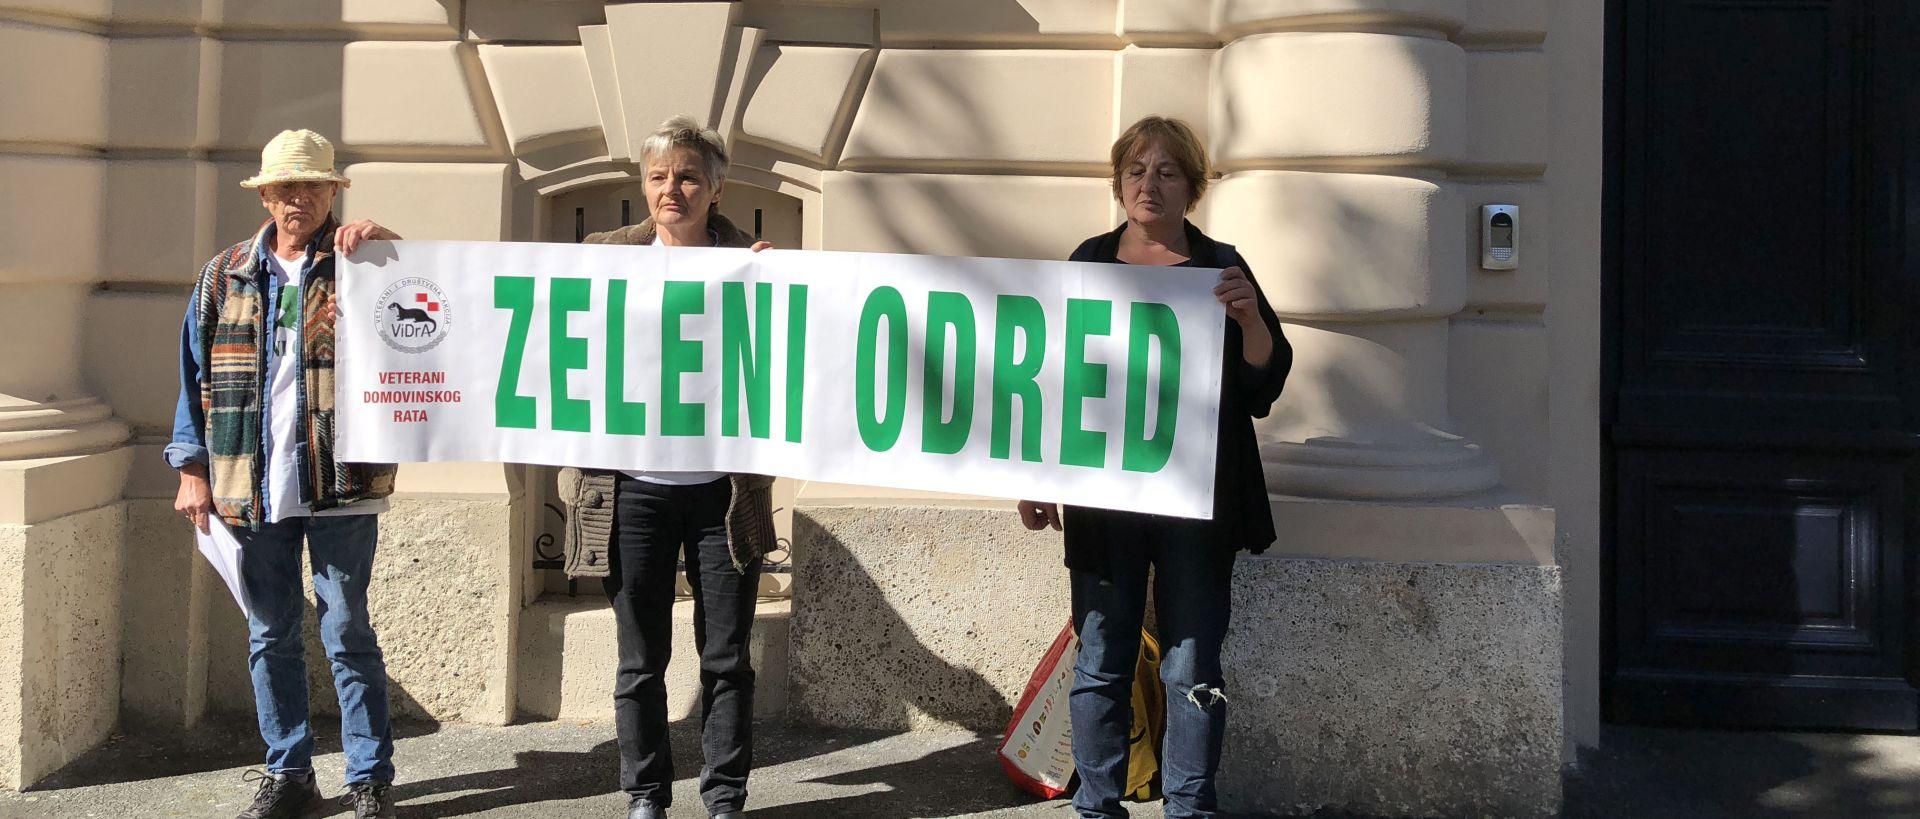 Zeleni odred predao prijavu zbog mešetarenja sa zemljištem na Medvednici